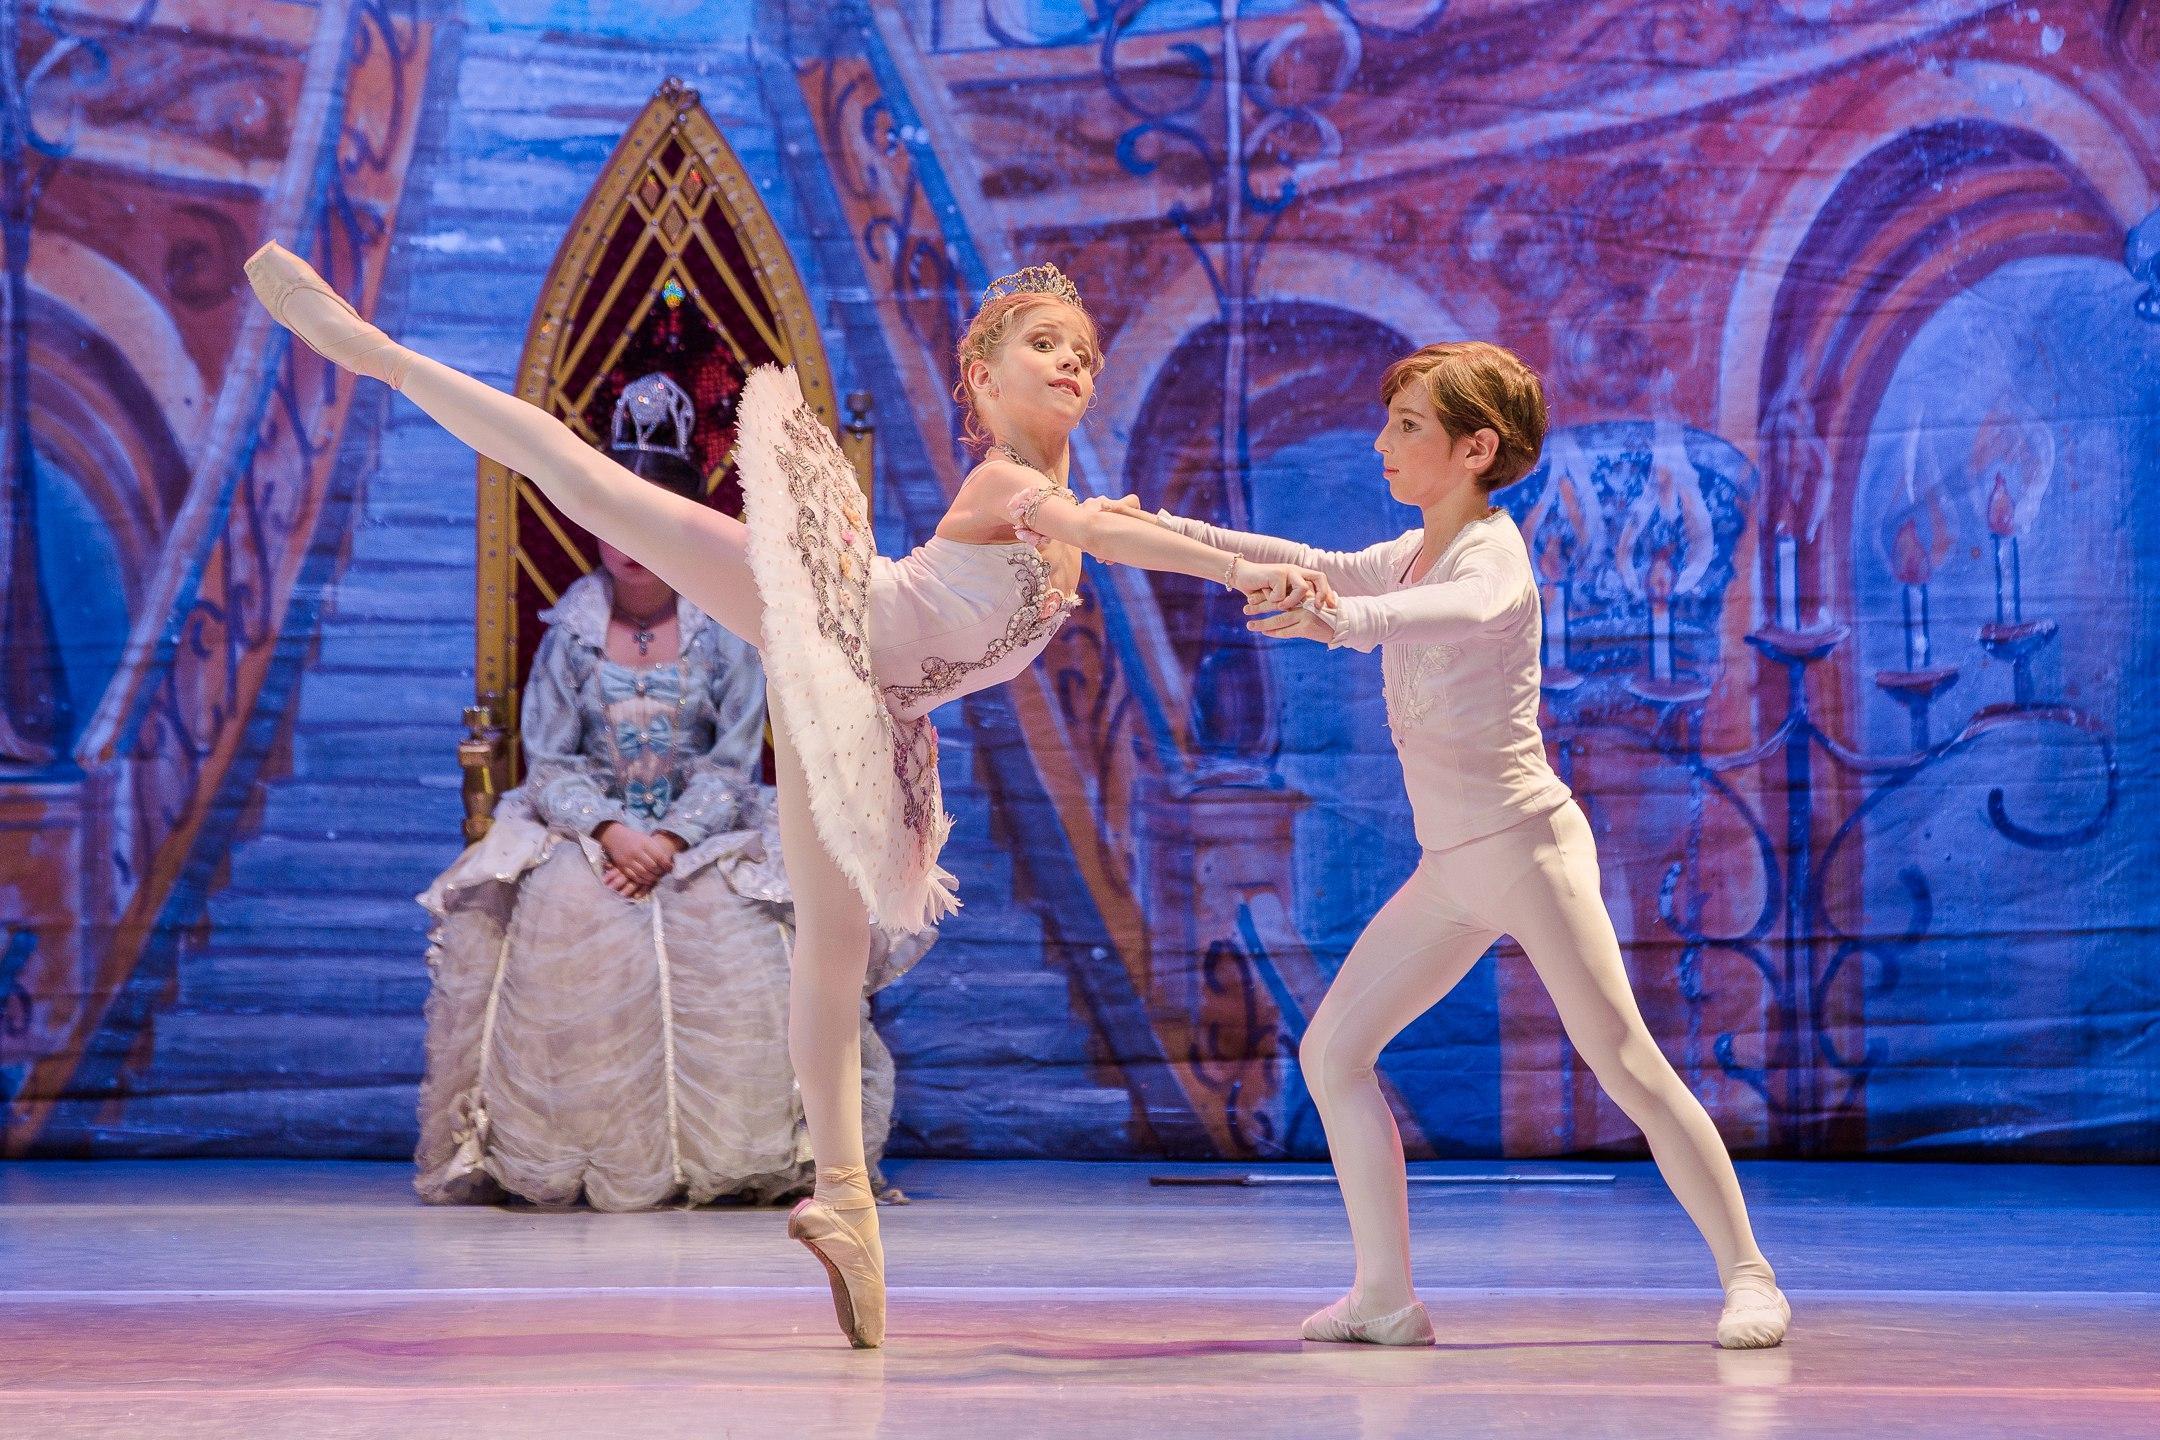 Потрясающий детский балетный спектакль: «Щелкунчик» - 9 декабря в Вильнюсе!